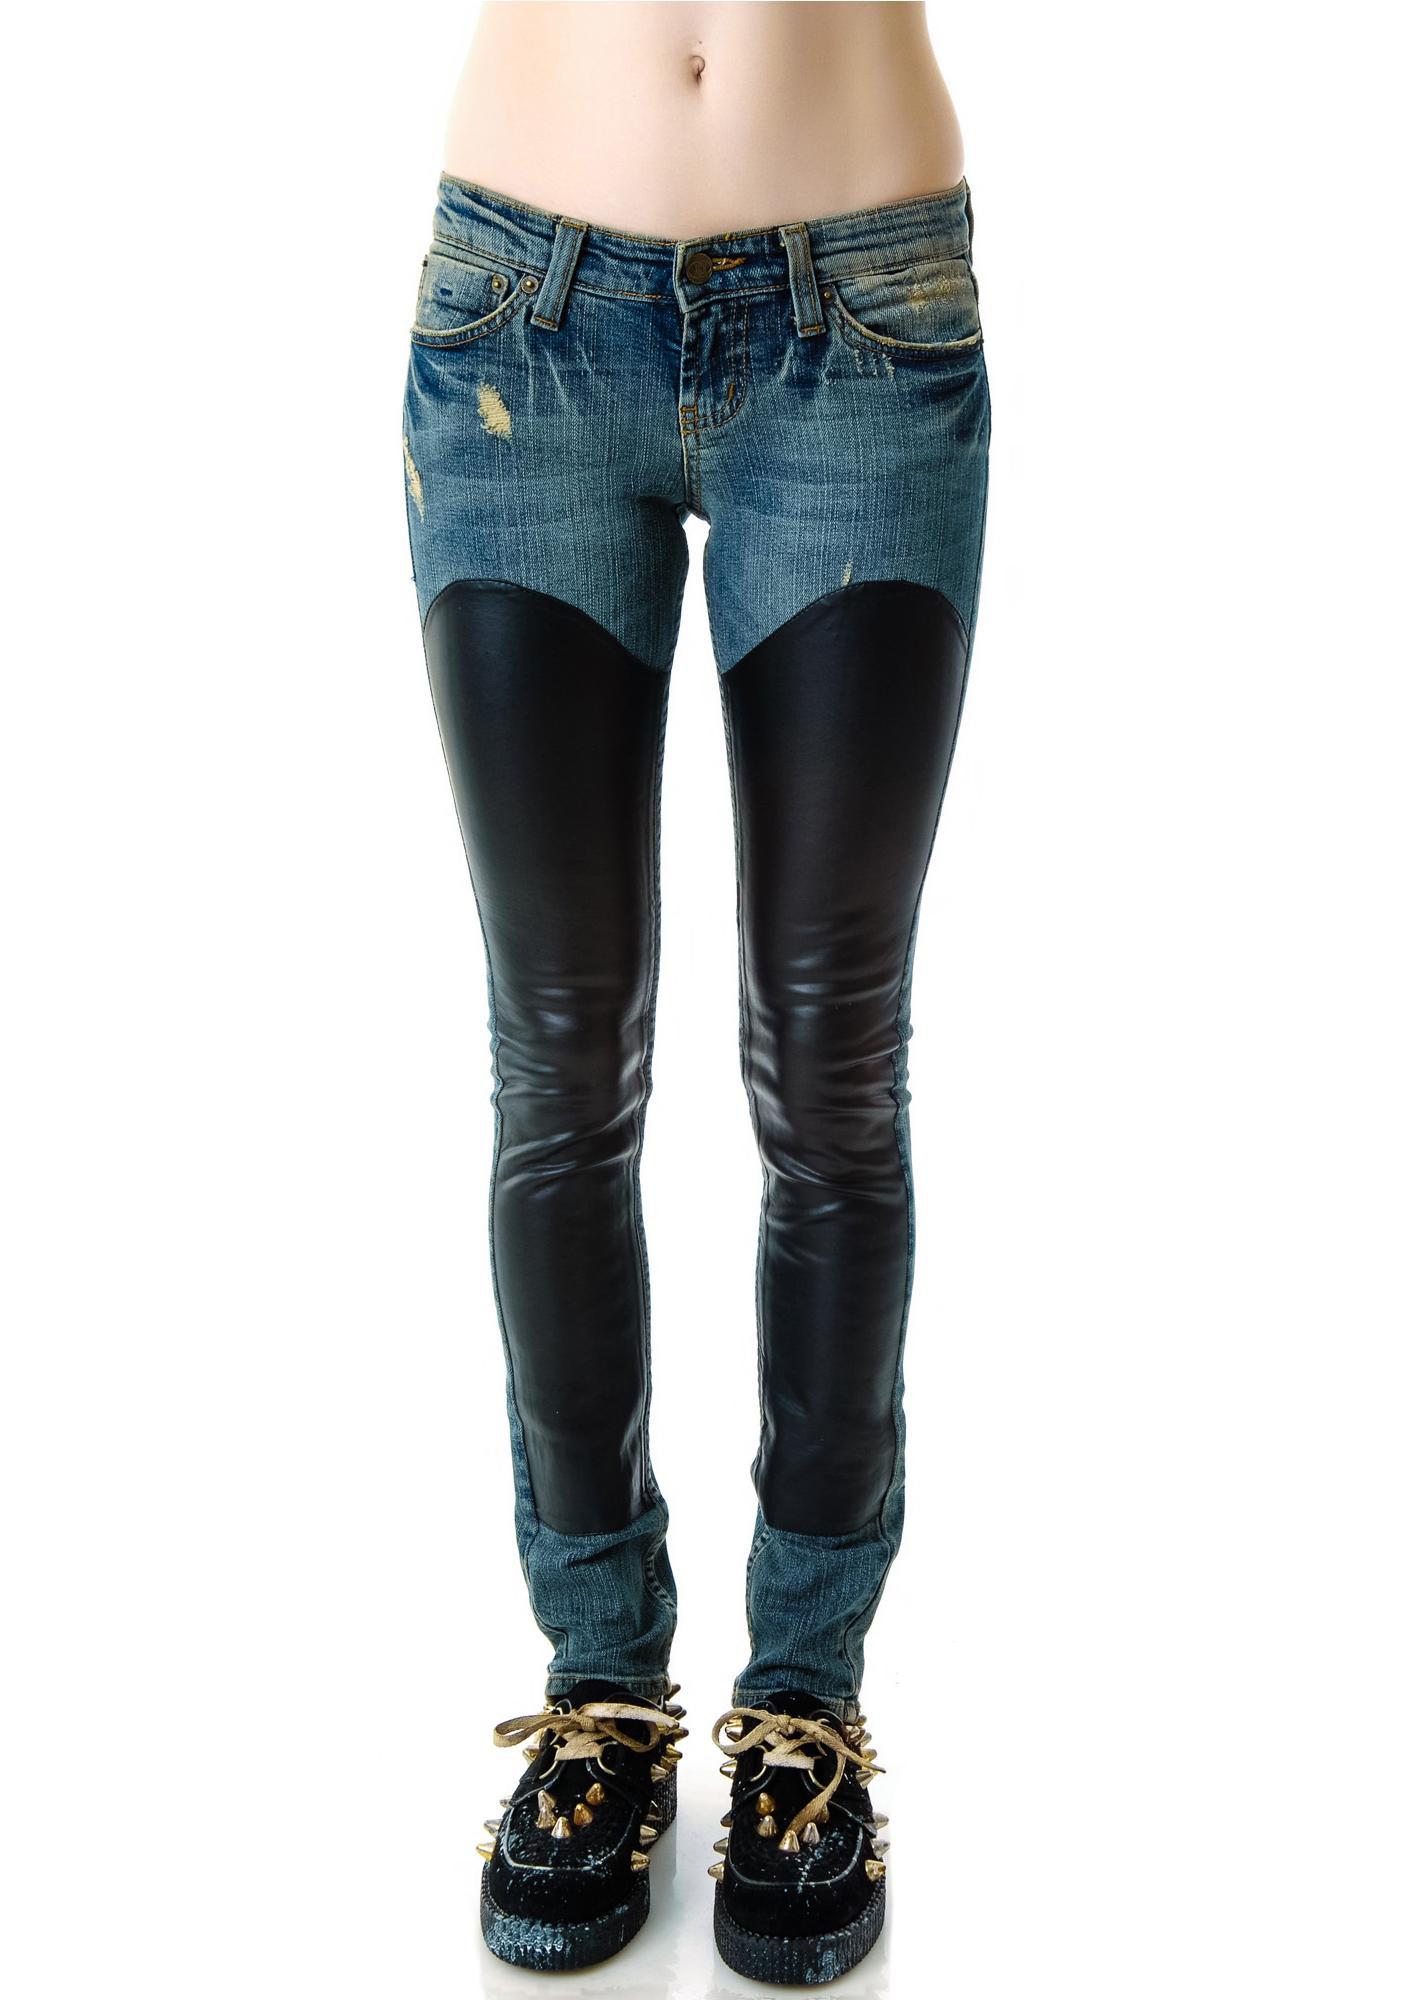 JET by John Eshaya Denim Chap Jeans